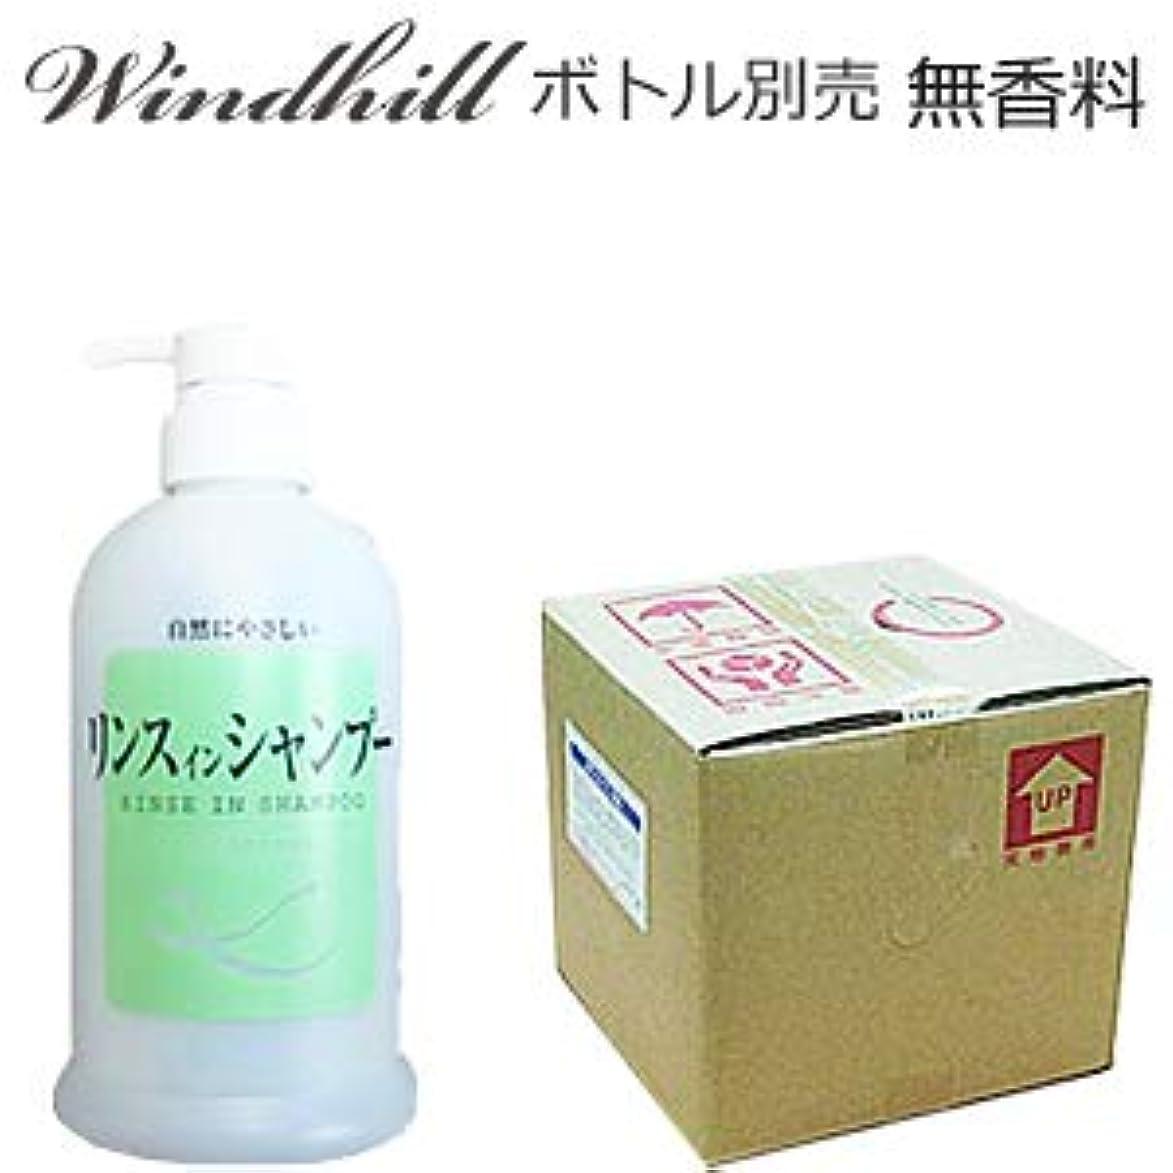 グラフわずかに魅惑するWindhill 植物性 業務用ボディソープ 無香料 20L(1セット20L入)